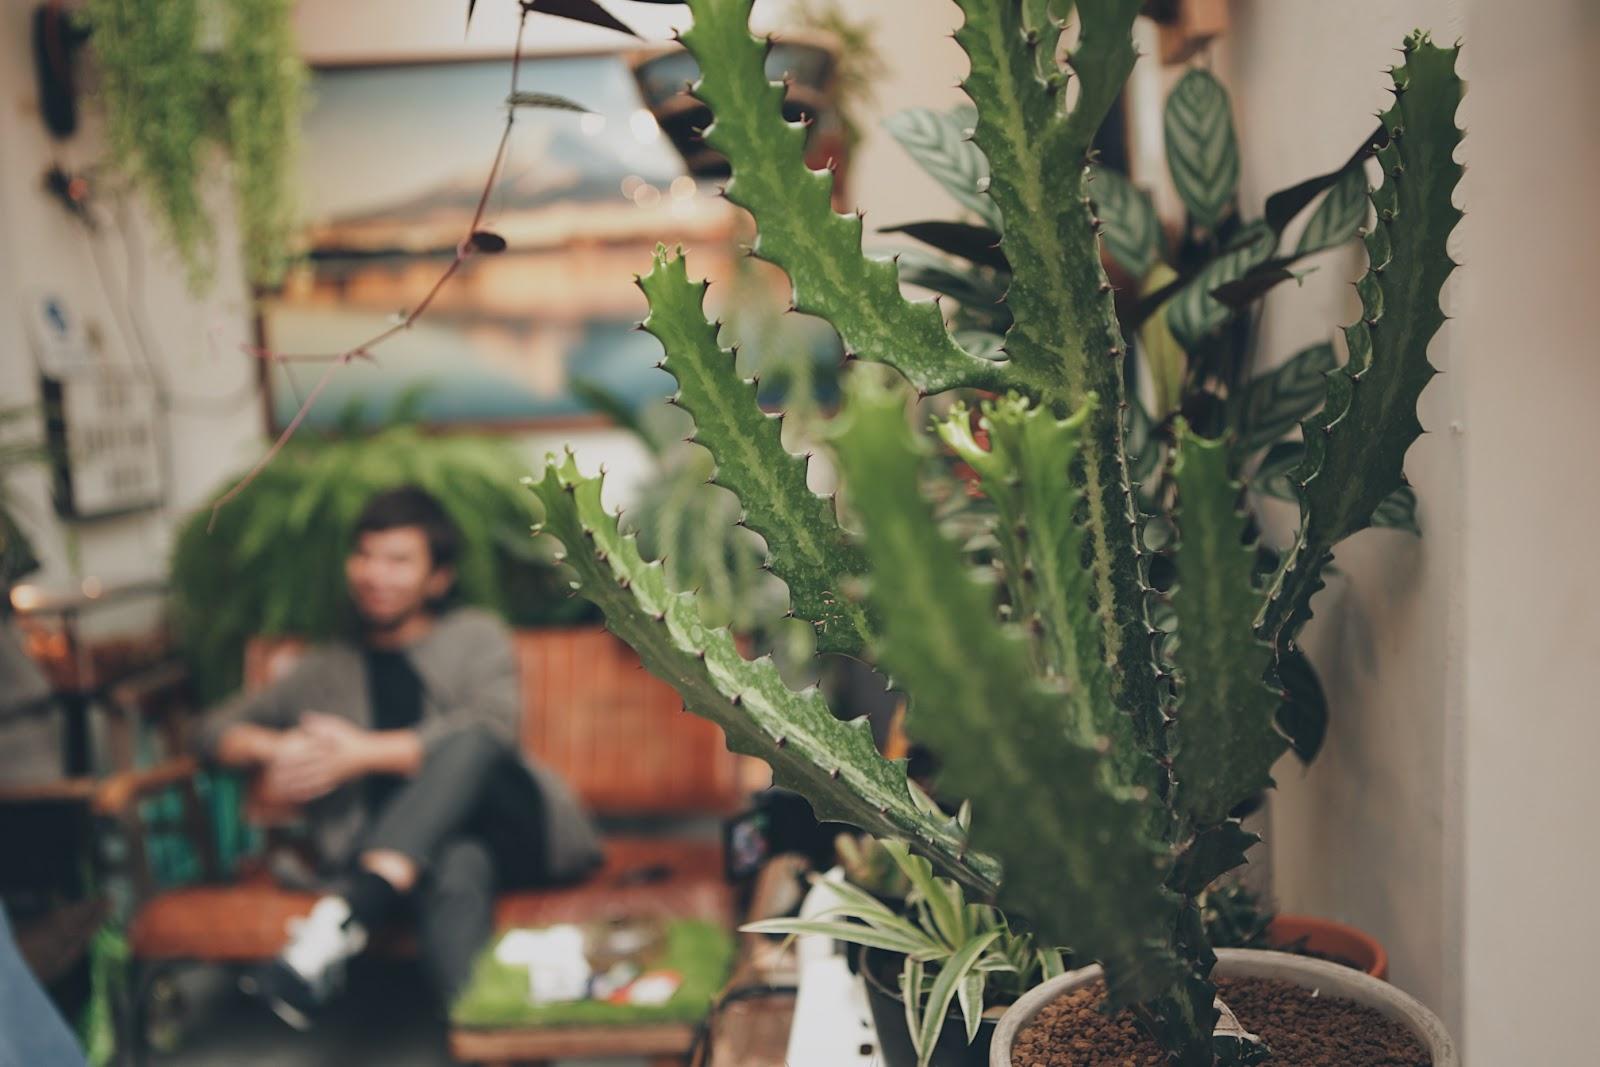 龍骨木棉介紹 植株常呈三角狀,呈現直立堅挺的外貌